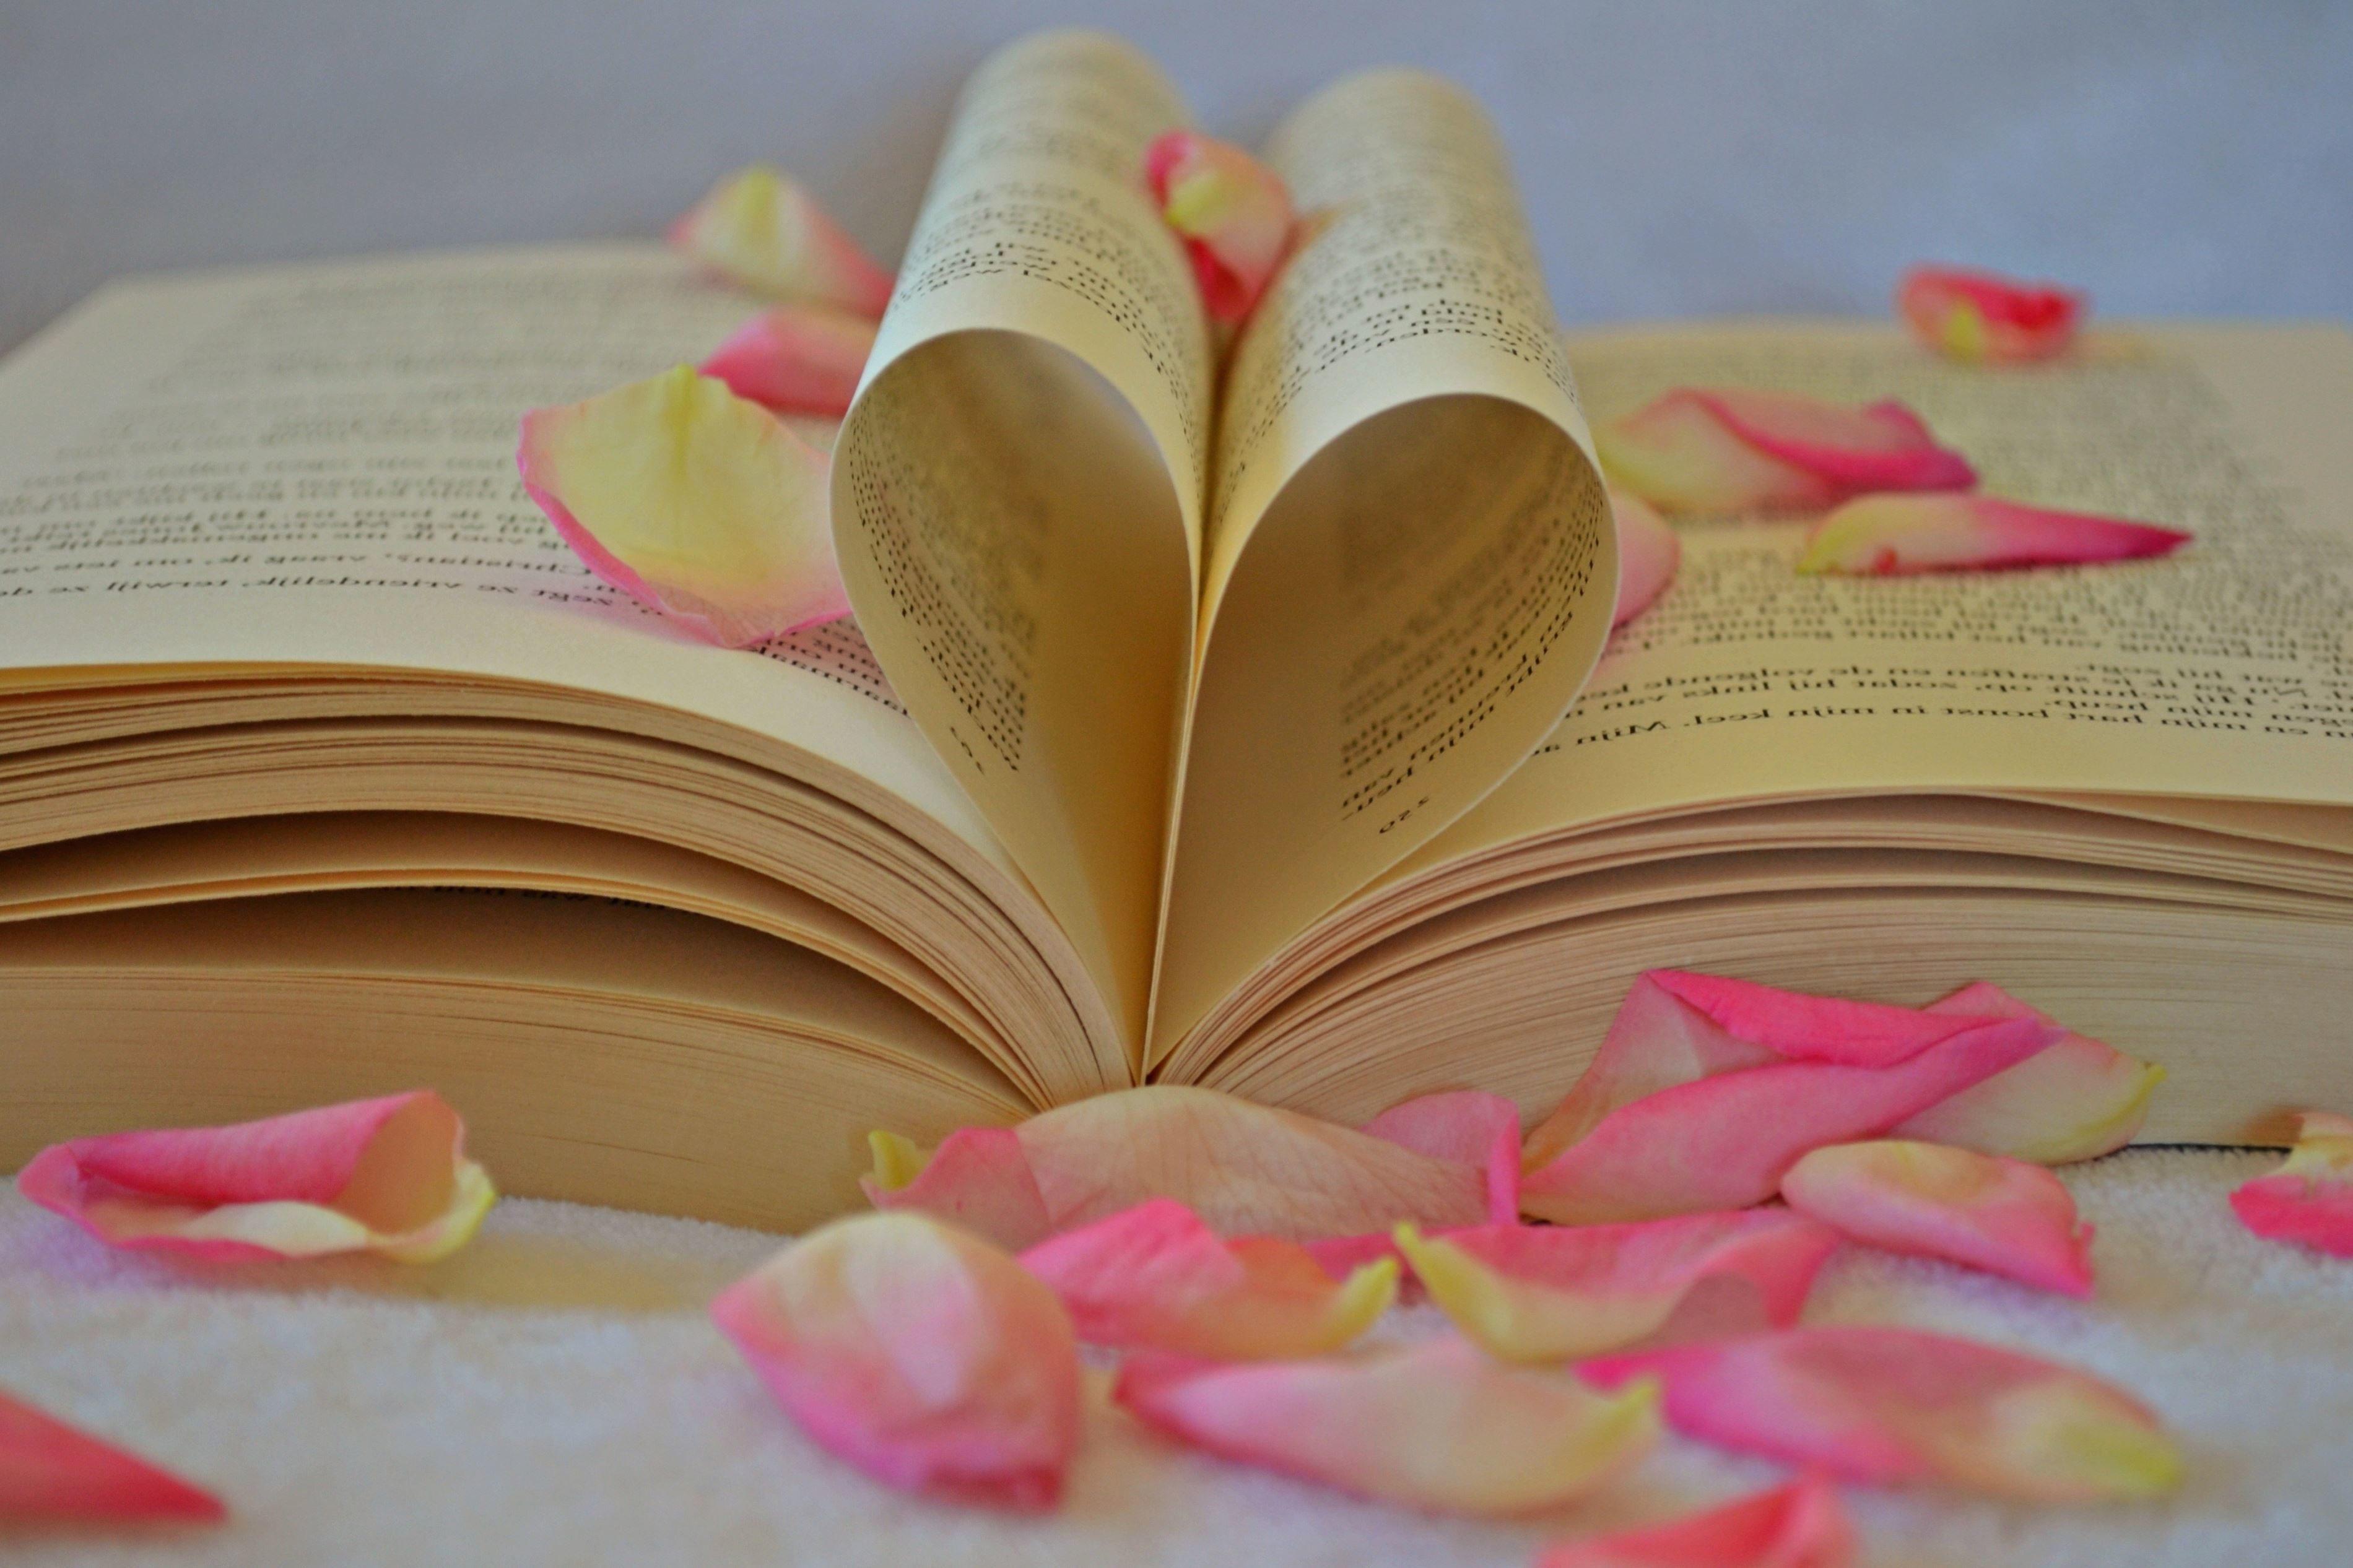 Image Libre Jour Livre Romantique Amour La